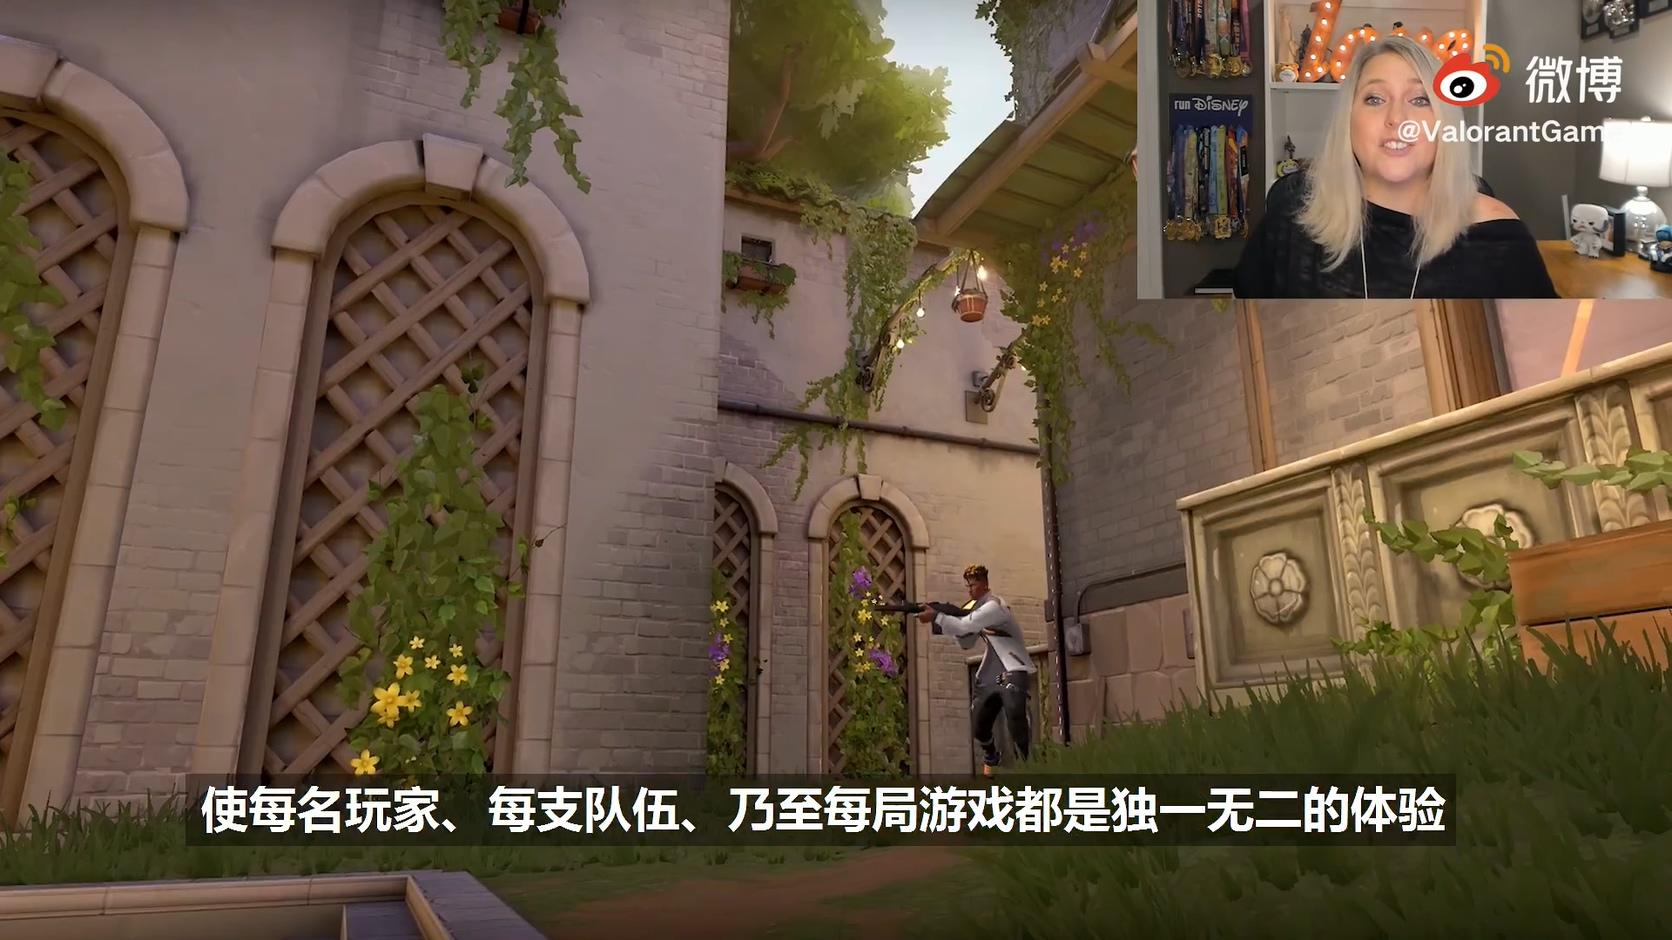 《Valorant》谈反作弊机制等多个方面,与玩家分享游戏制作背后的开发理念和故事